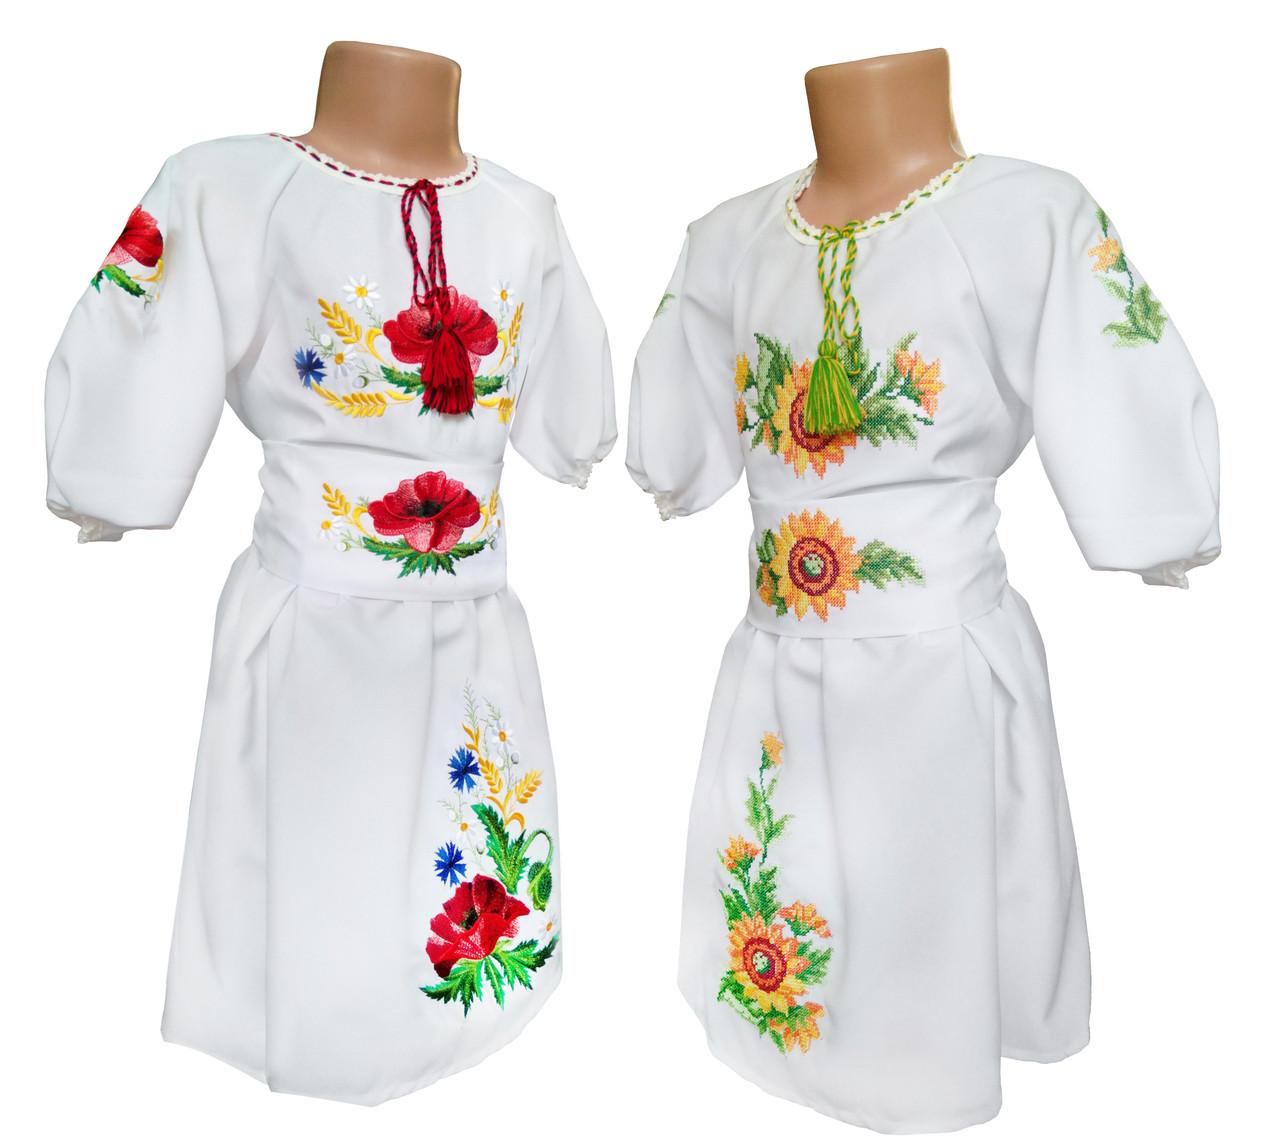 Сукня вишиванка для дівчинки із квітковим орнаментом на білій тканині, фото 1